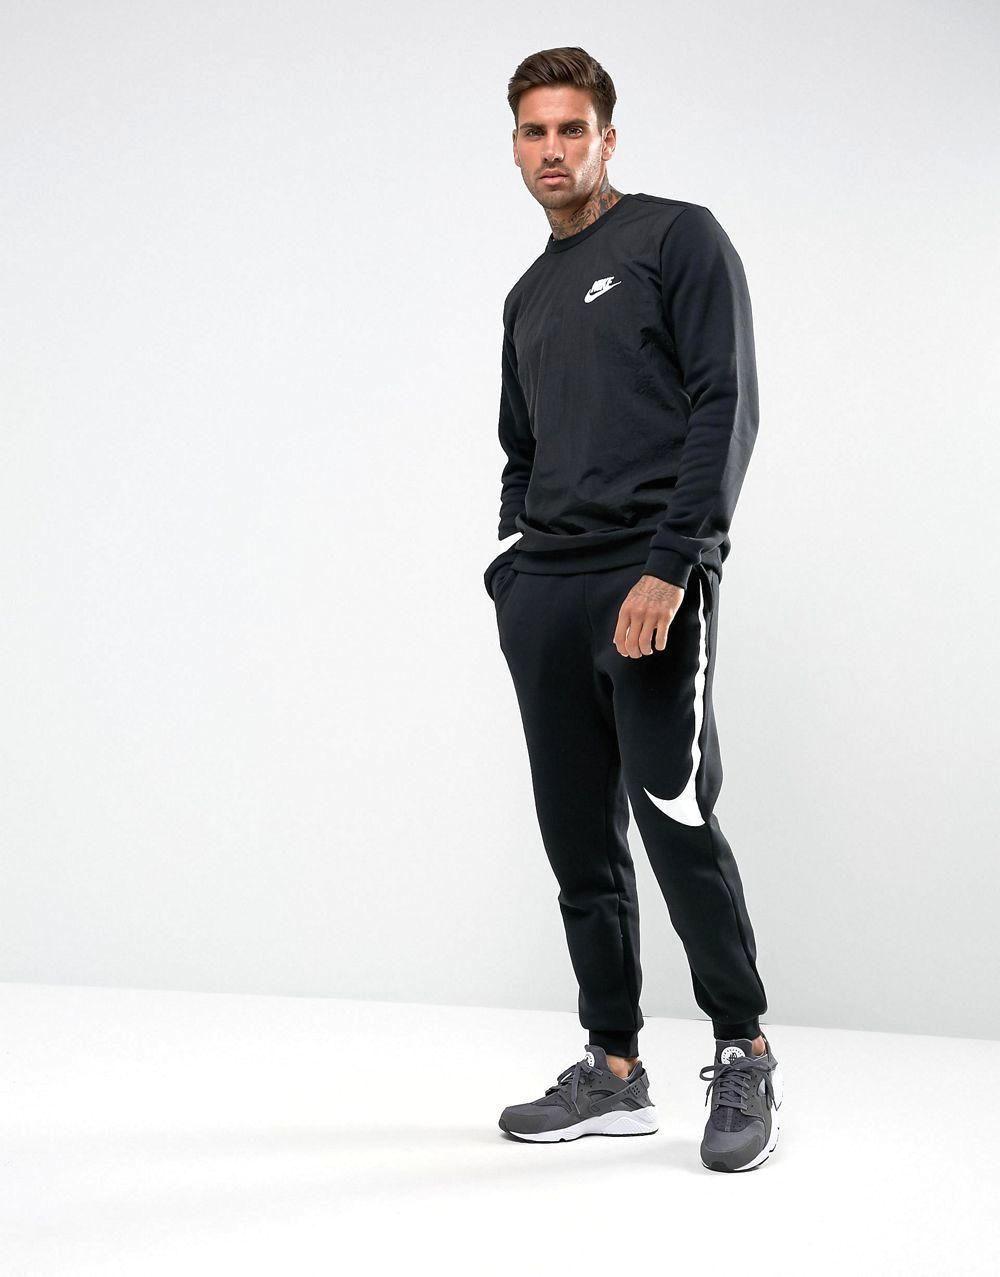 Nike 耐克休闲裤搭配什么鞋子好看